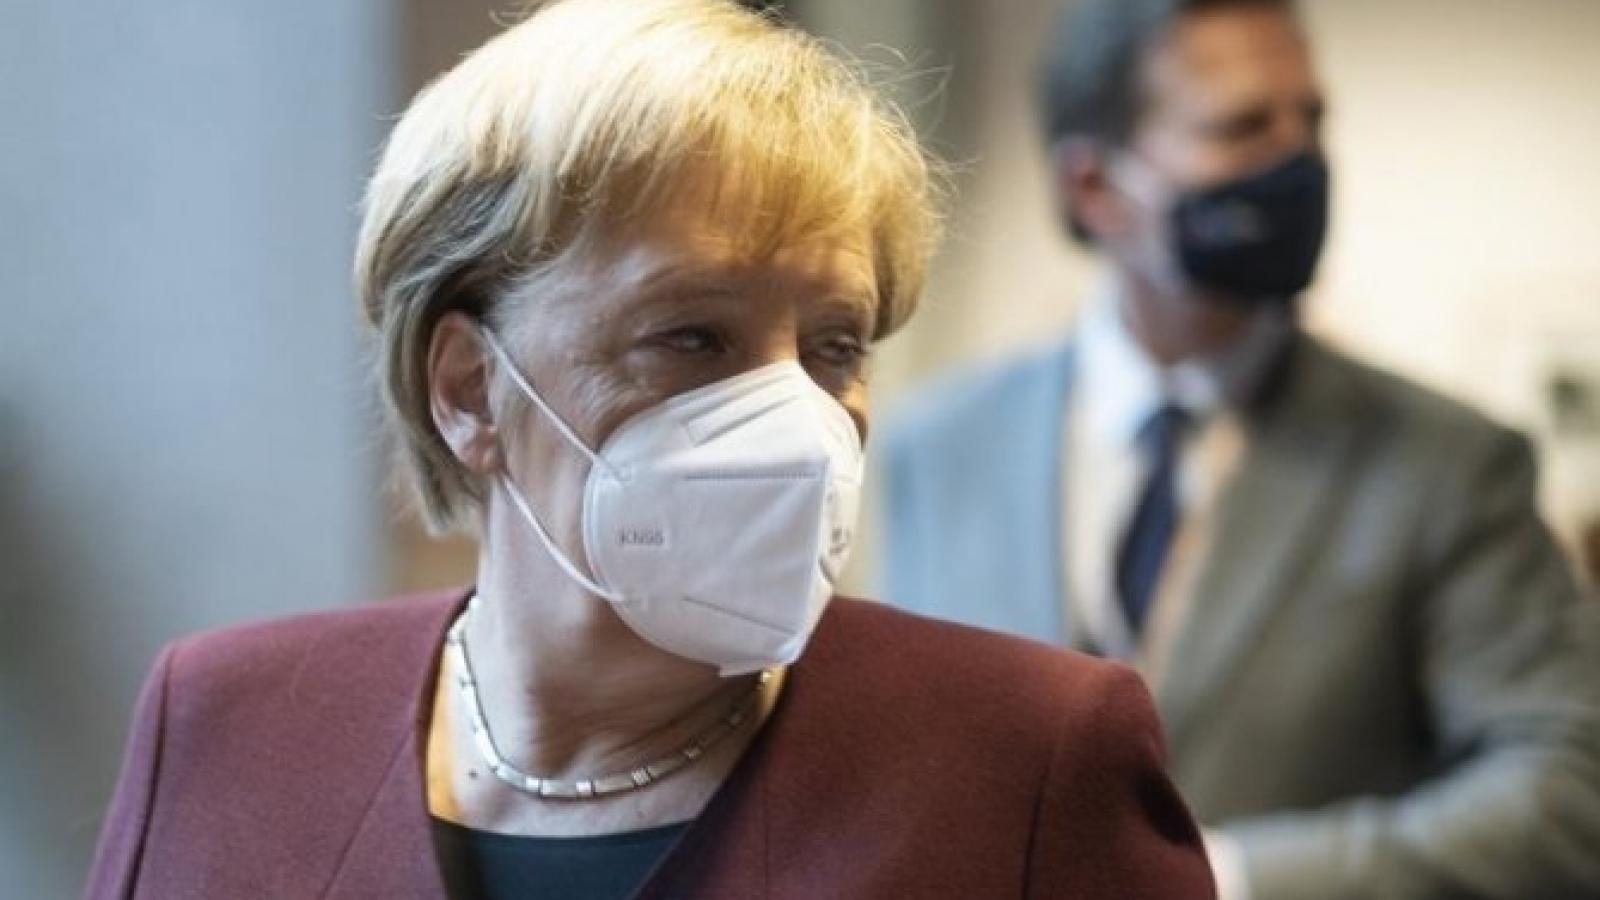 Thủ tướng Đức kêu gọi ban bố lệnh phong tỏa để ngăn chặn làn sóng Covid-19 thứ 3